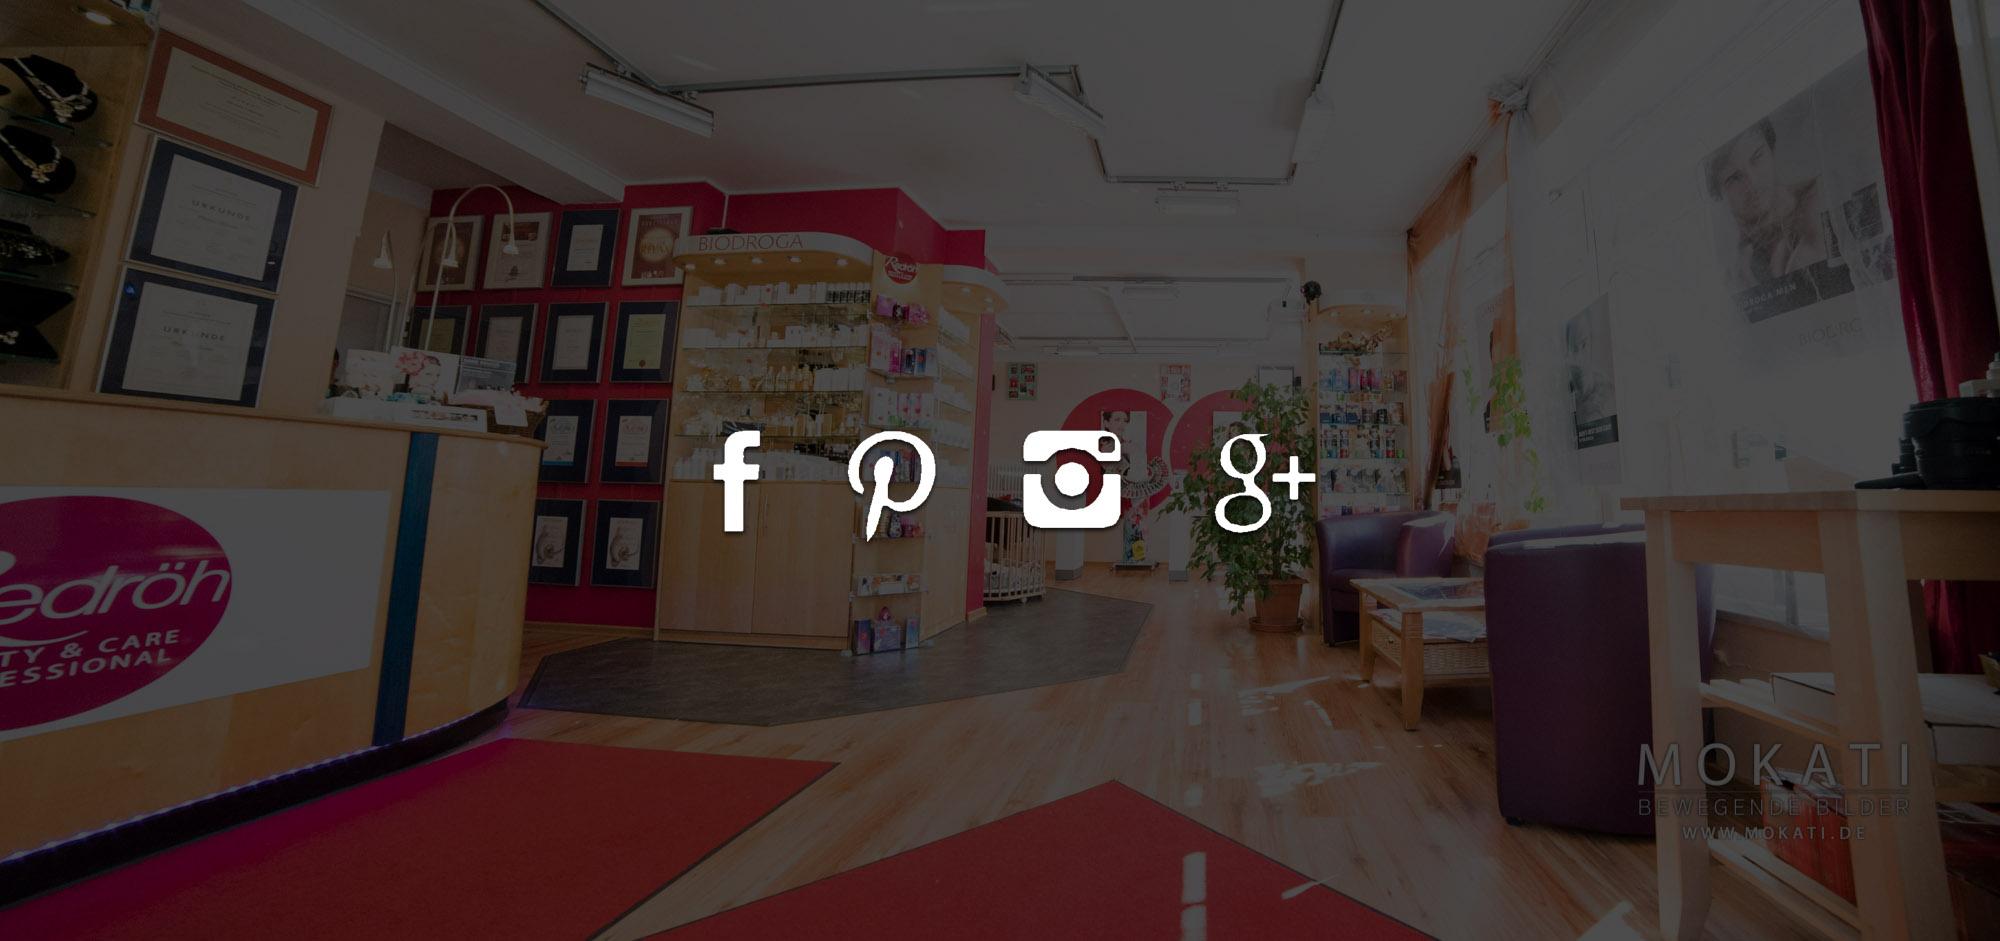 Redröh auf Instagram, Facebook, Google+ und Pinterest